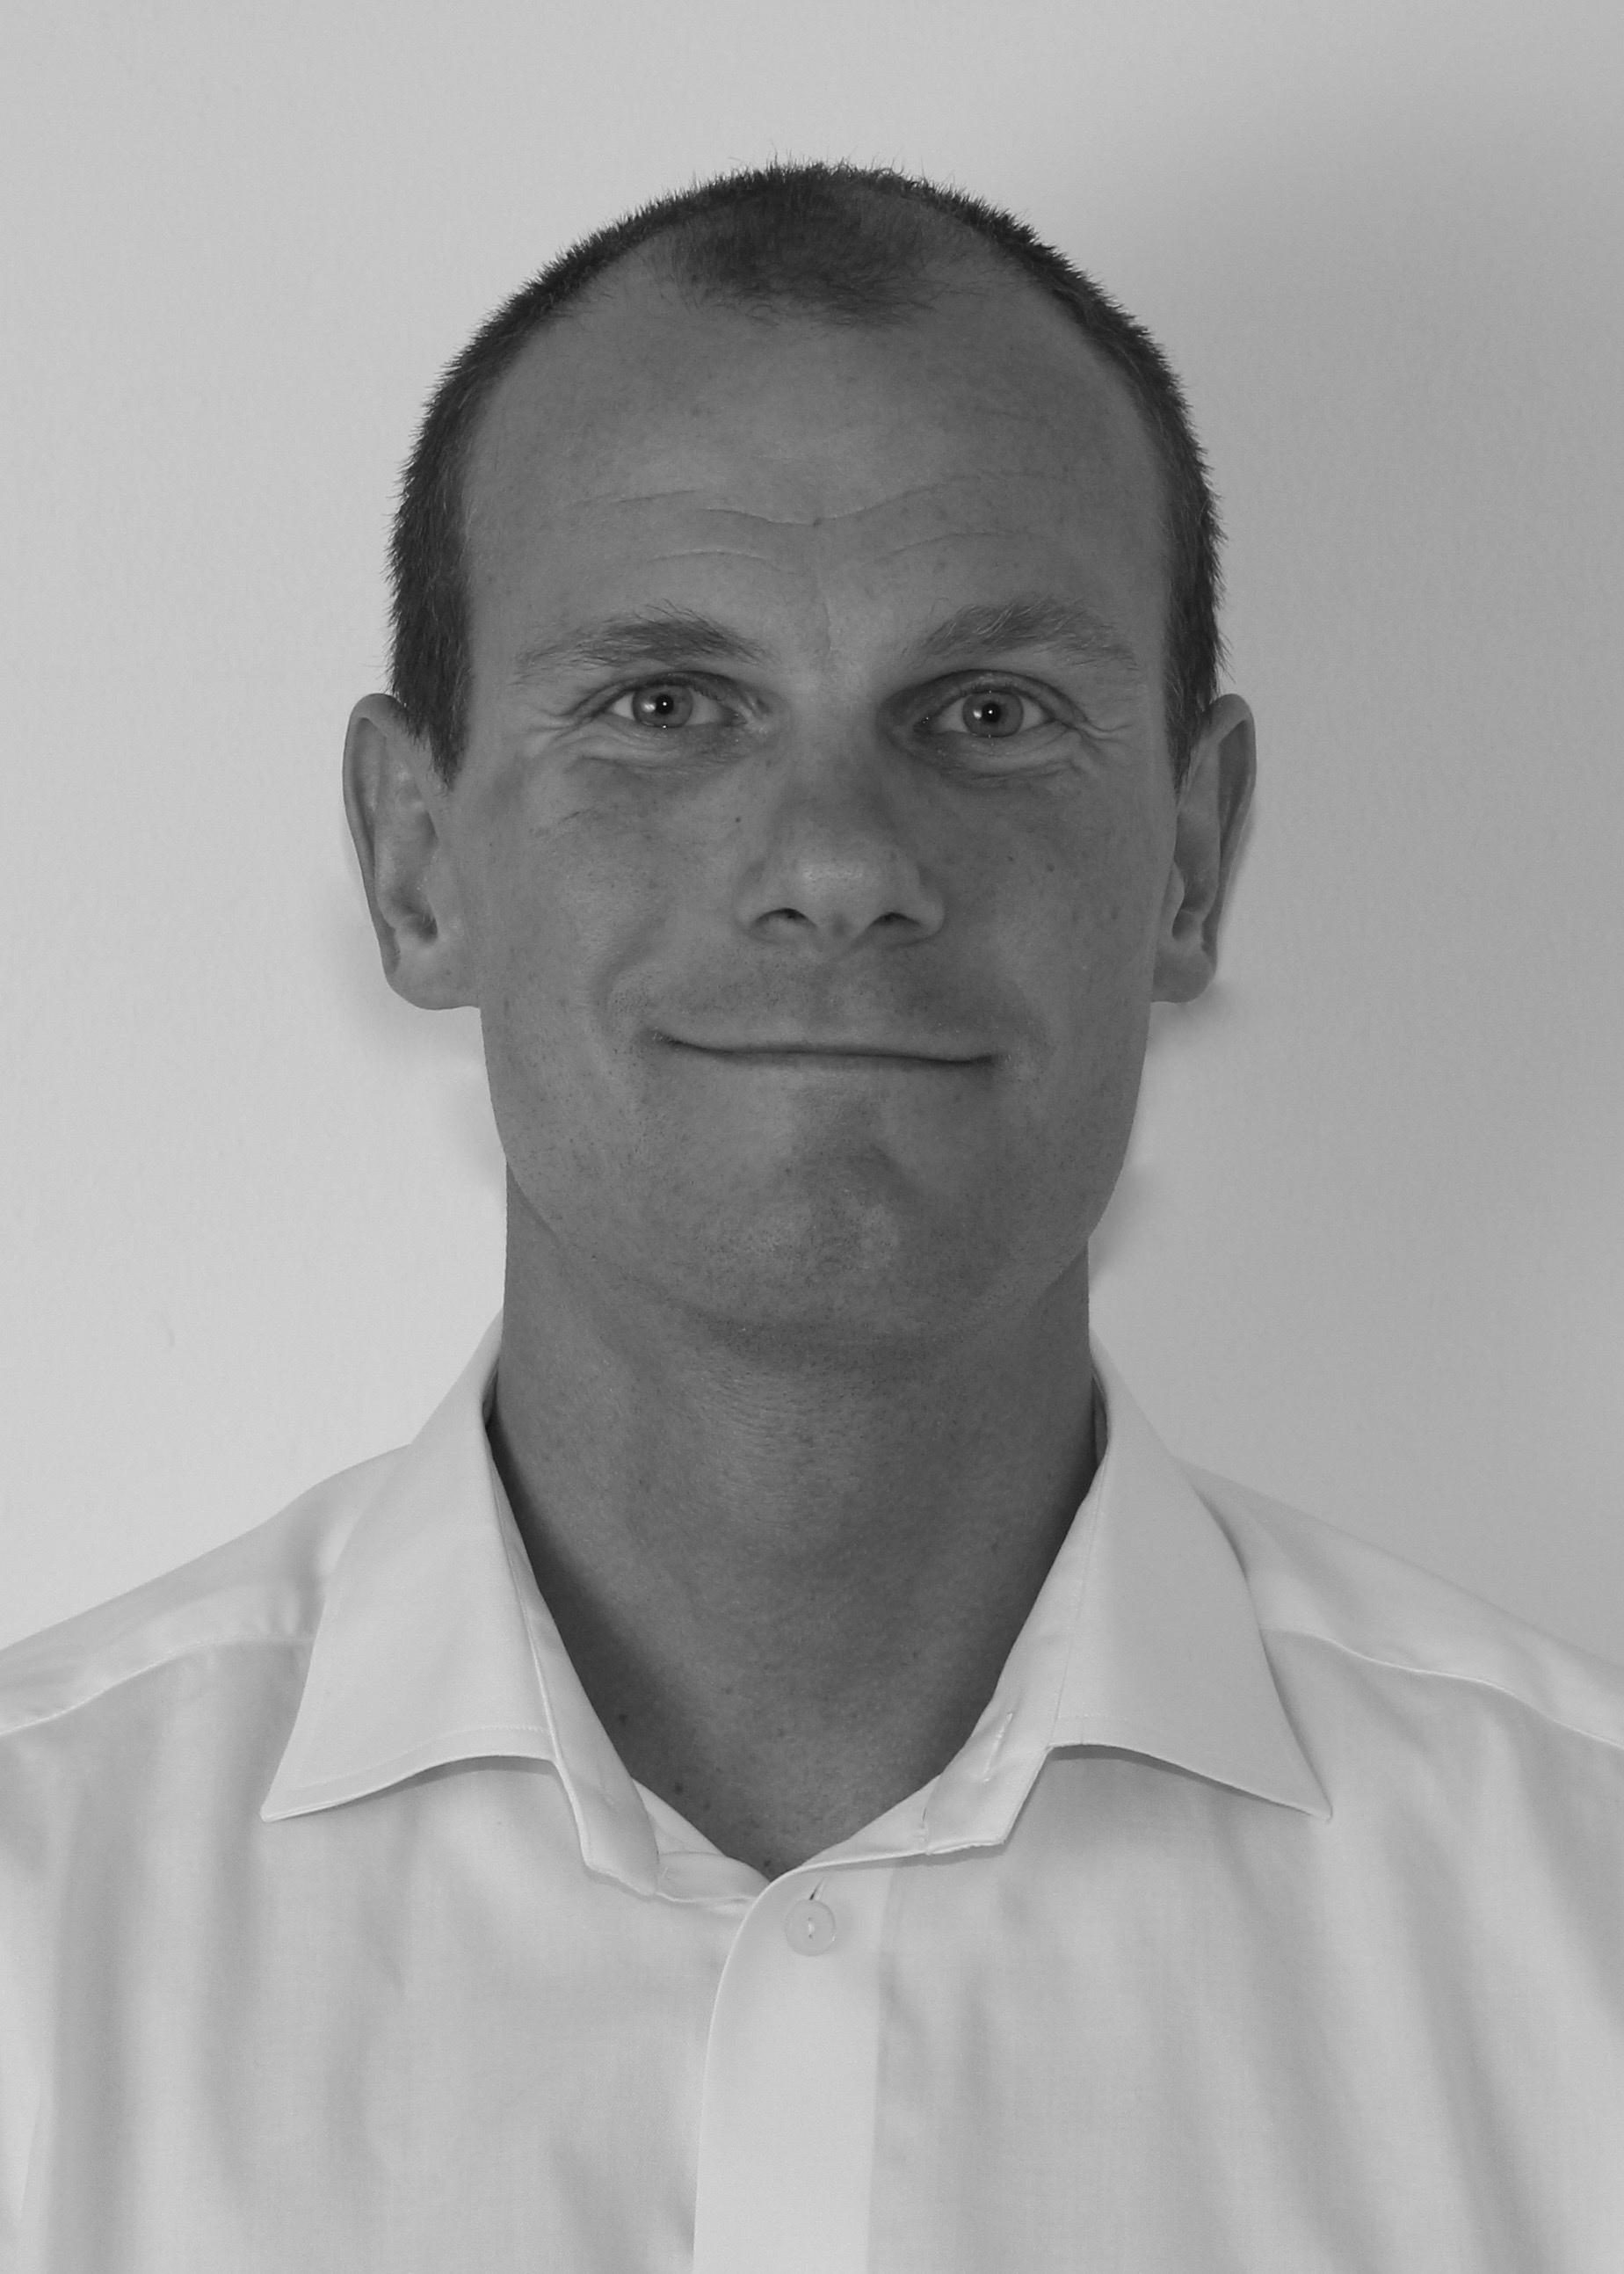 Henrik Jul Madsen